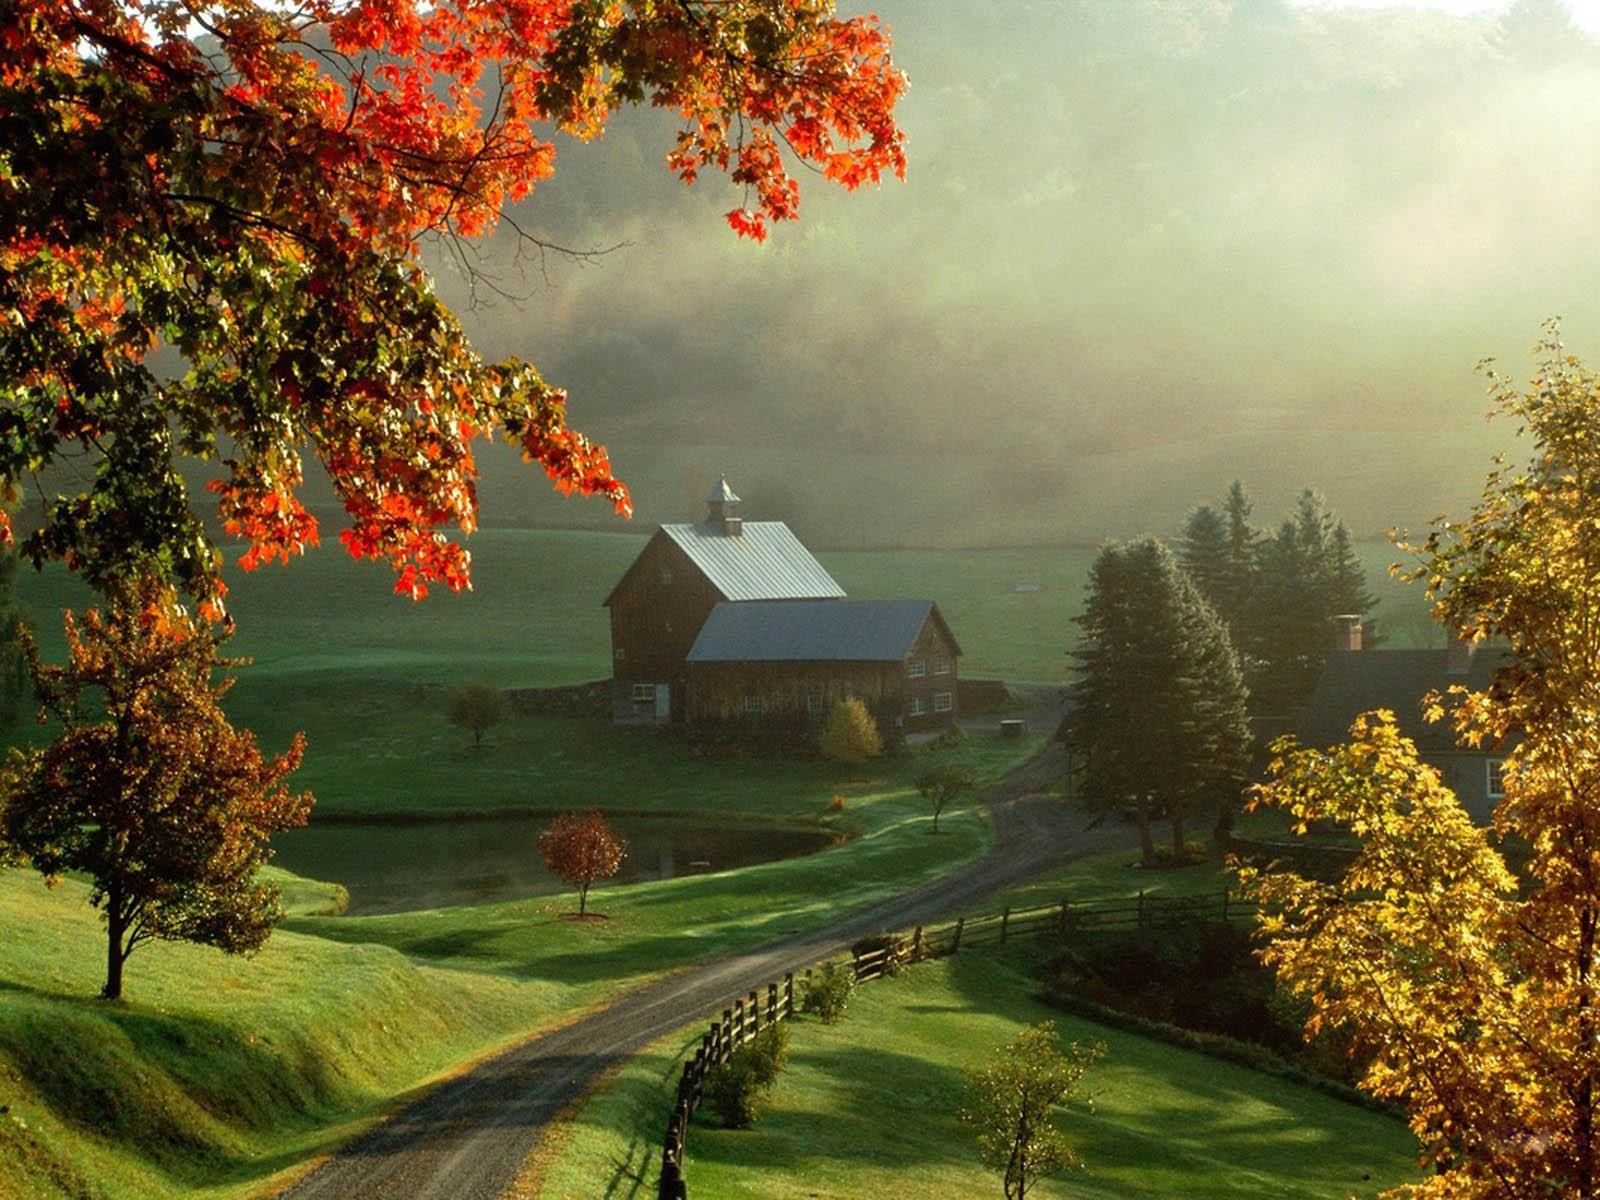 AutumnFall Scenery   Autumn Wallpaper 35580374 1600x1200